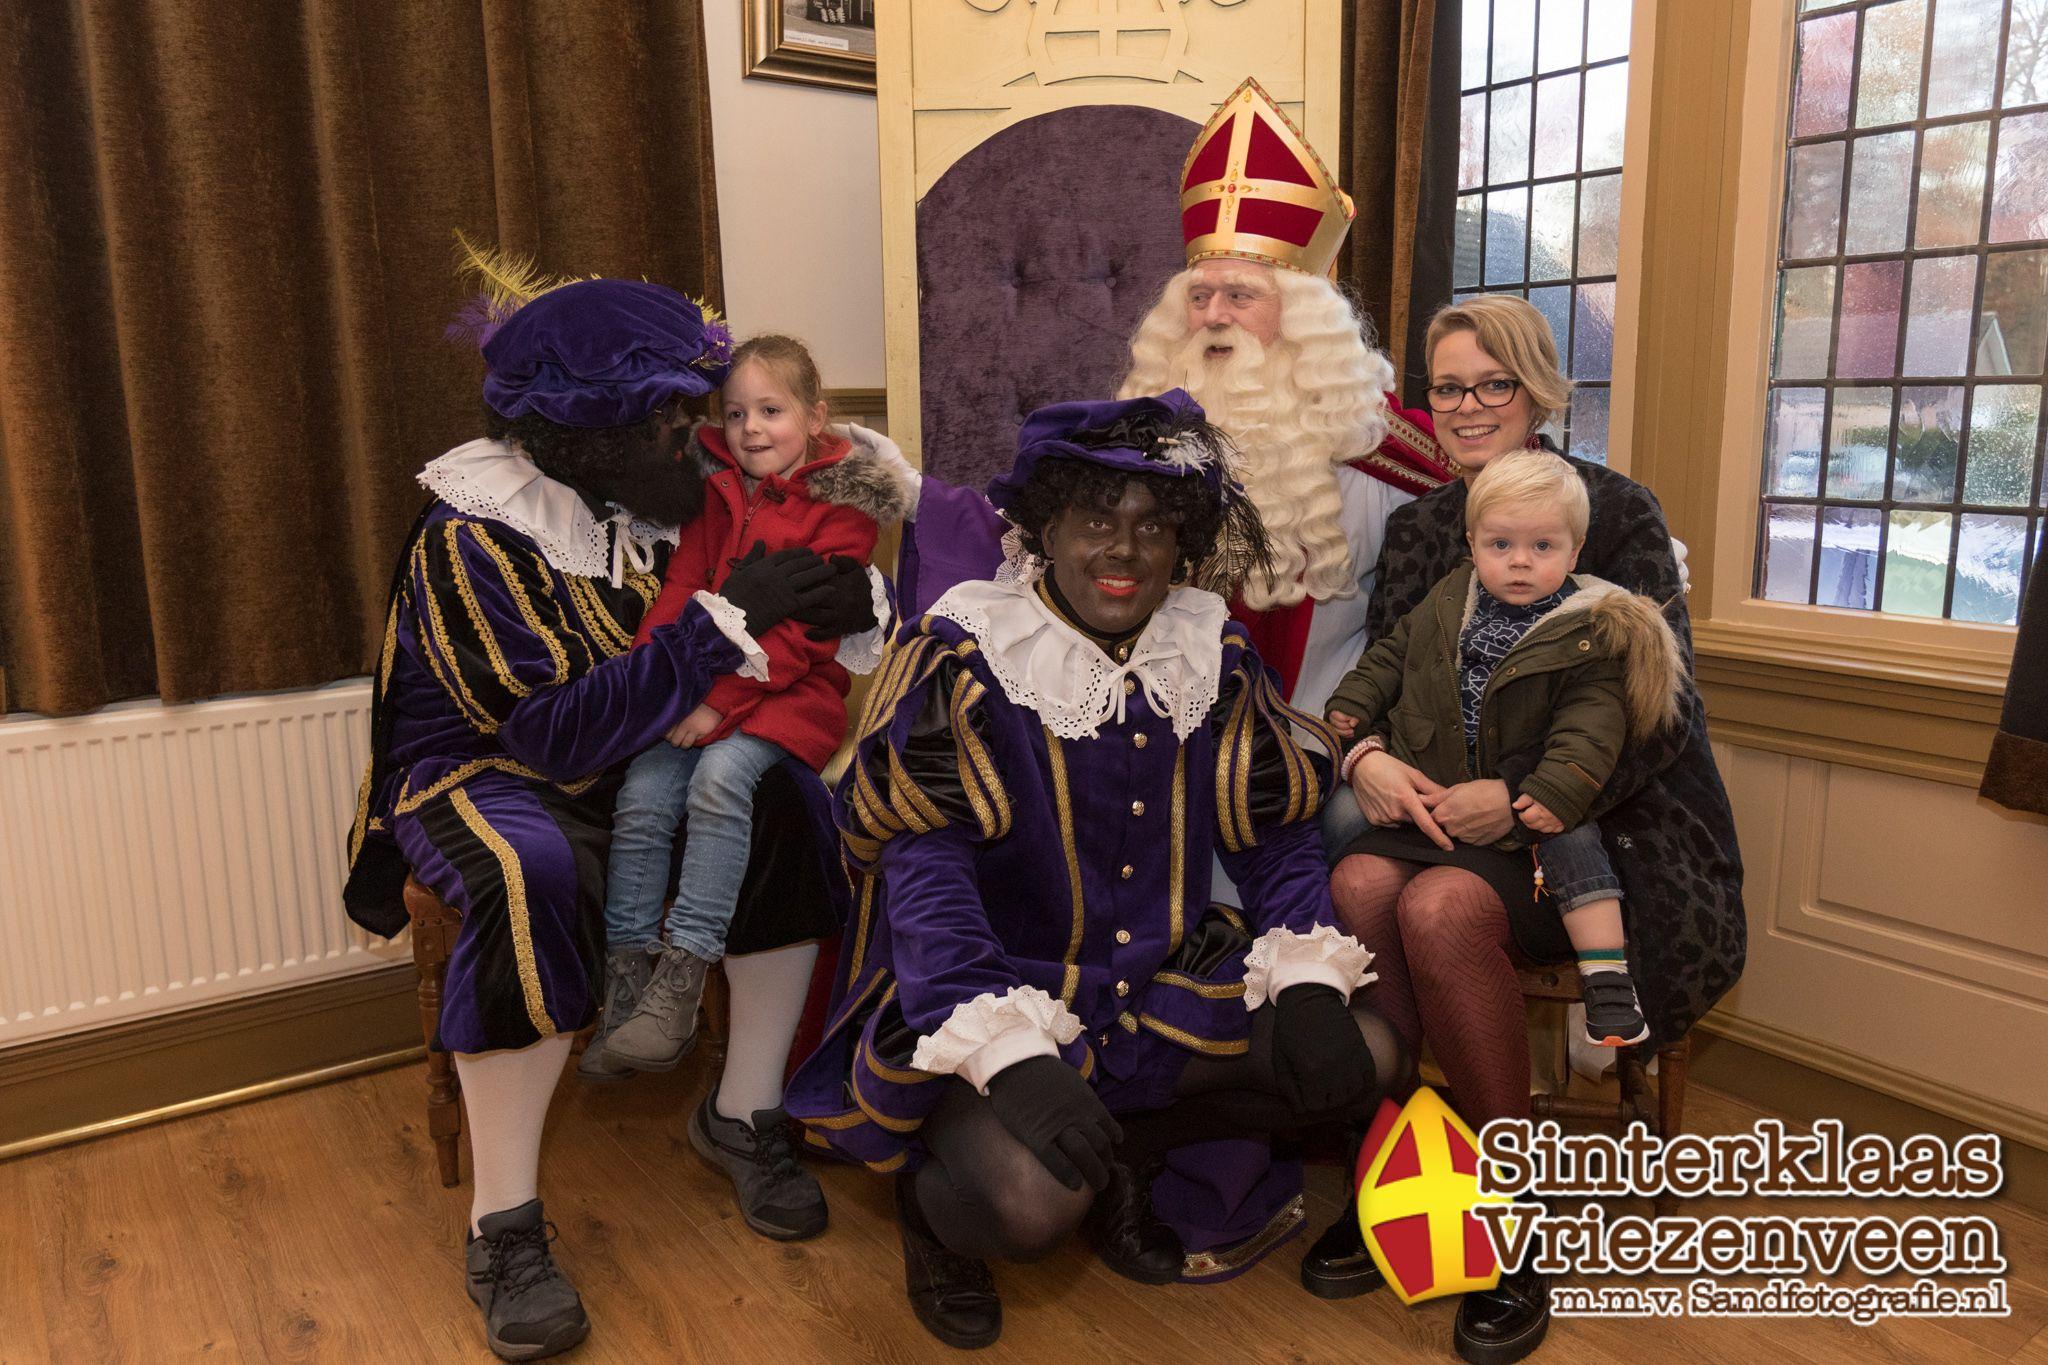 30-11-'18 Huis van Sinterklaas Vriezenveen Sand Fotografie